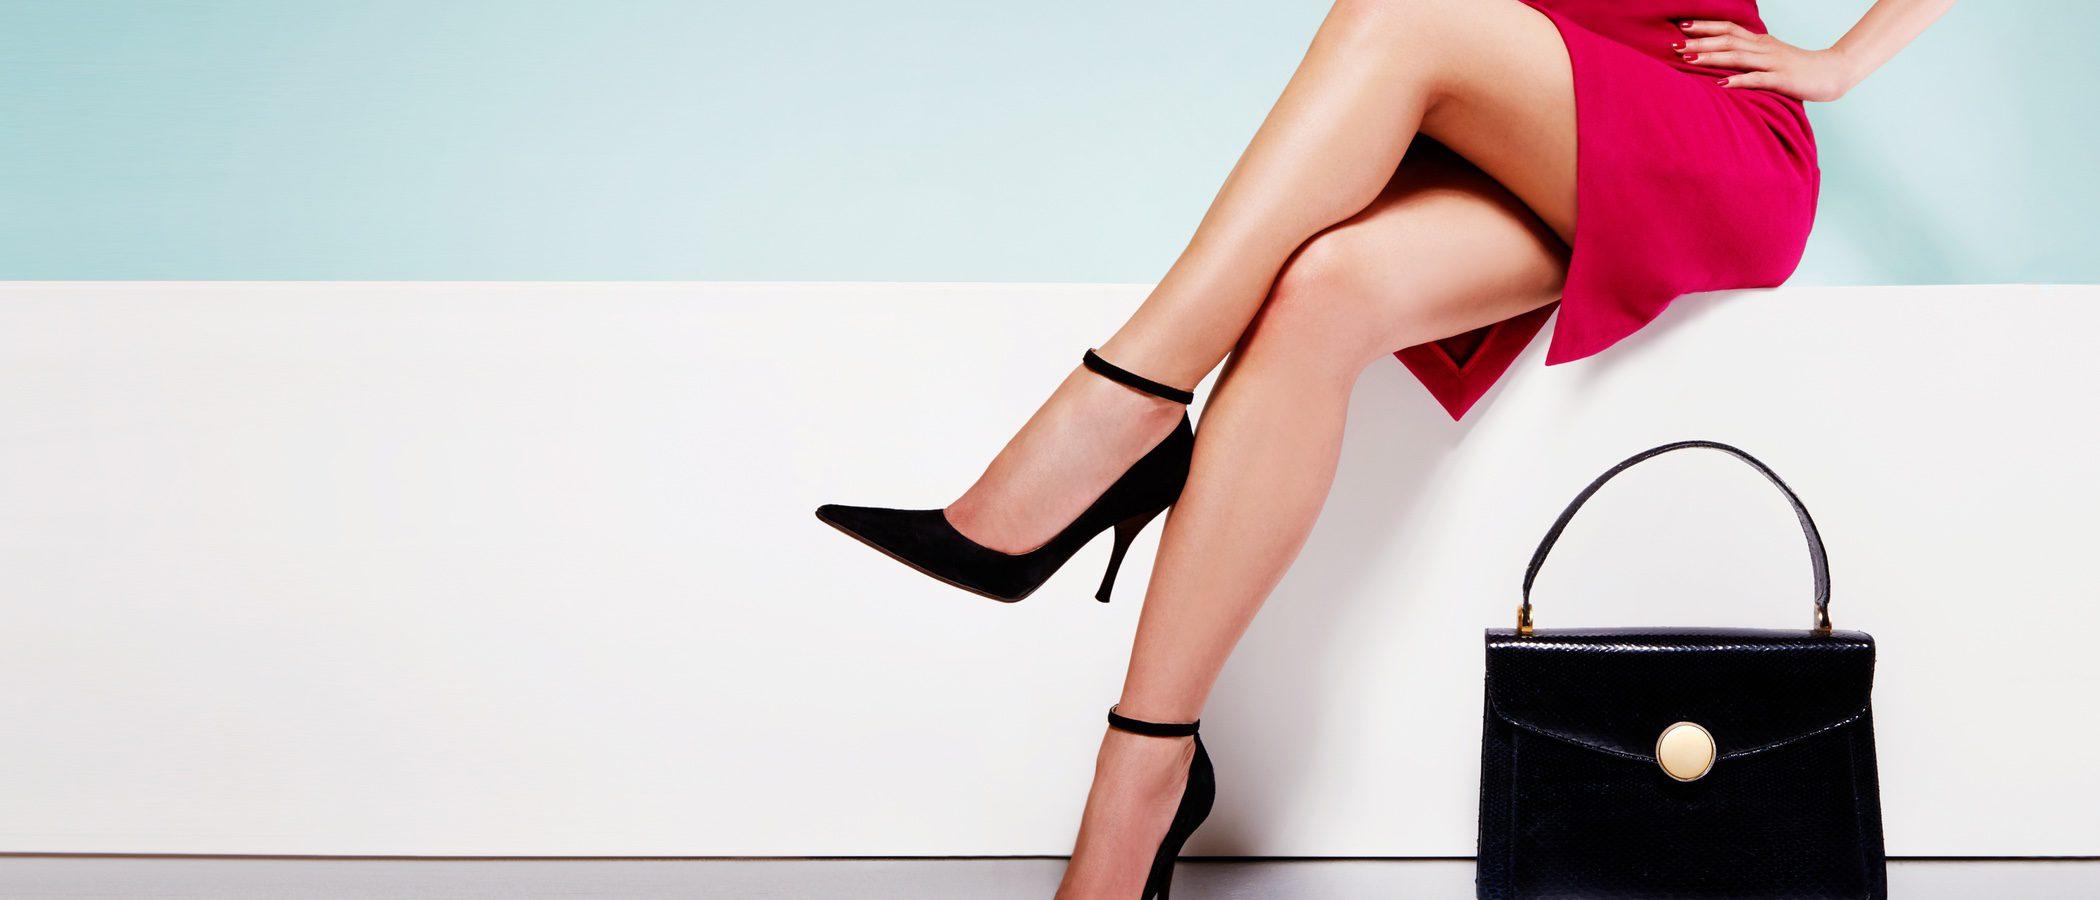 7 lecciones de moda para usar minifalda con acierto